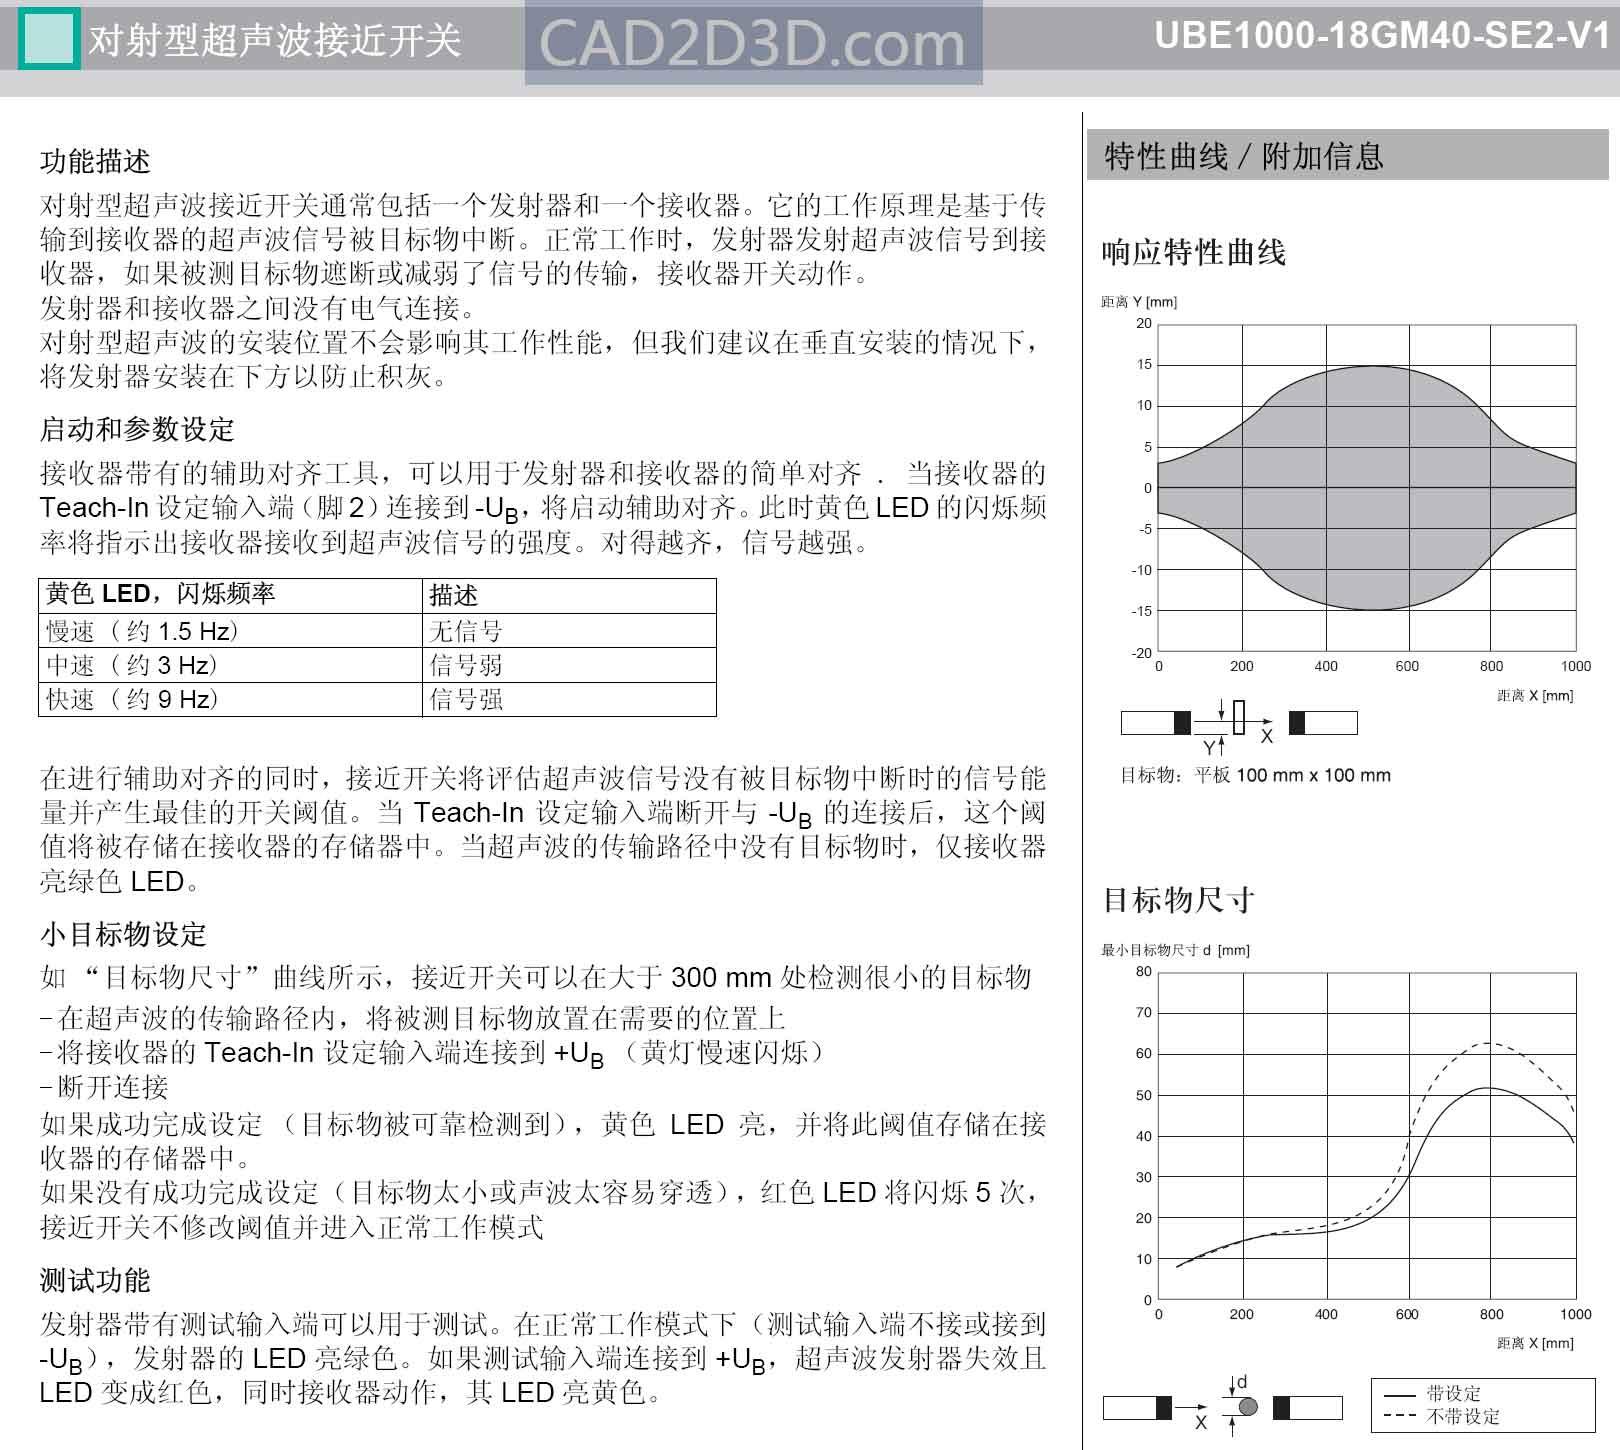 超声波检测传感器原理、参数、品牌